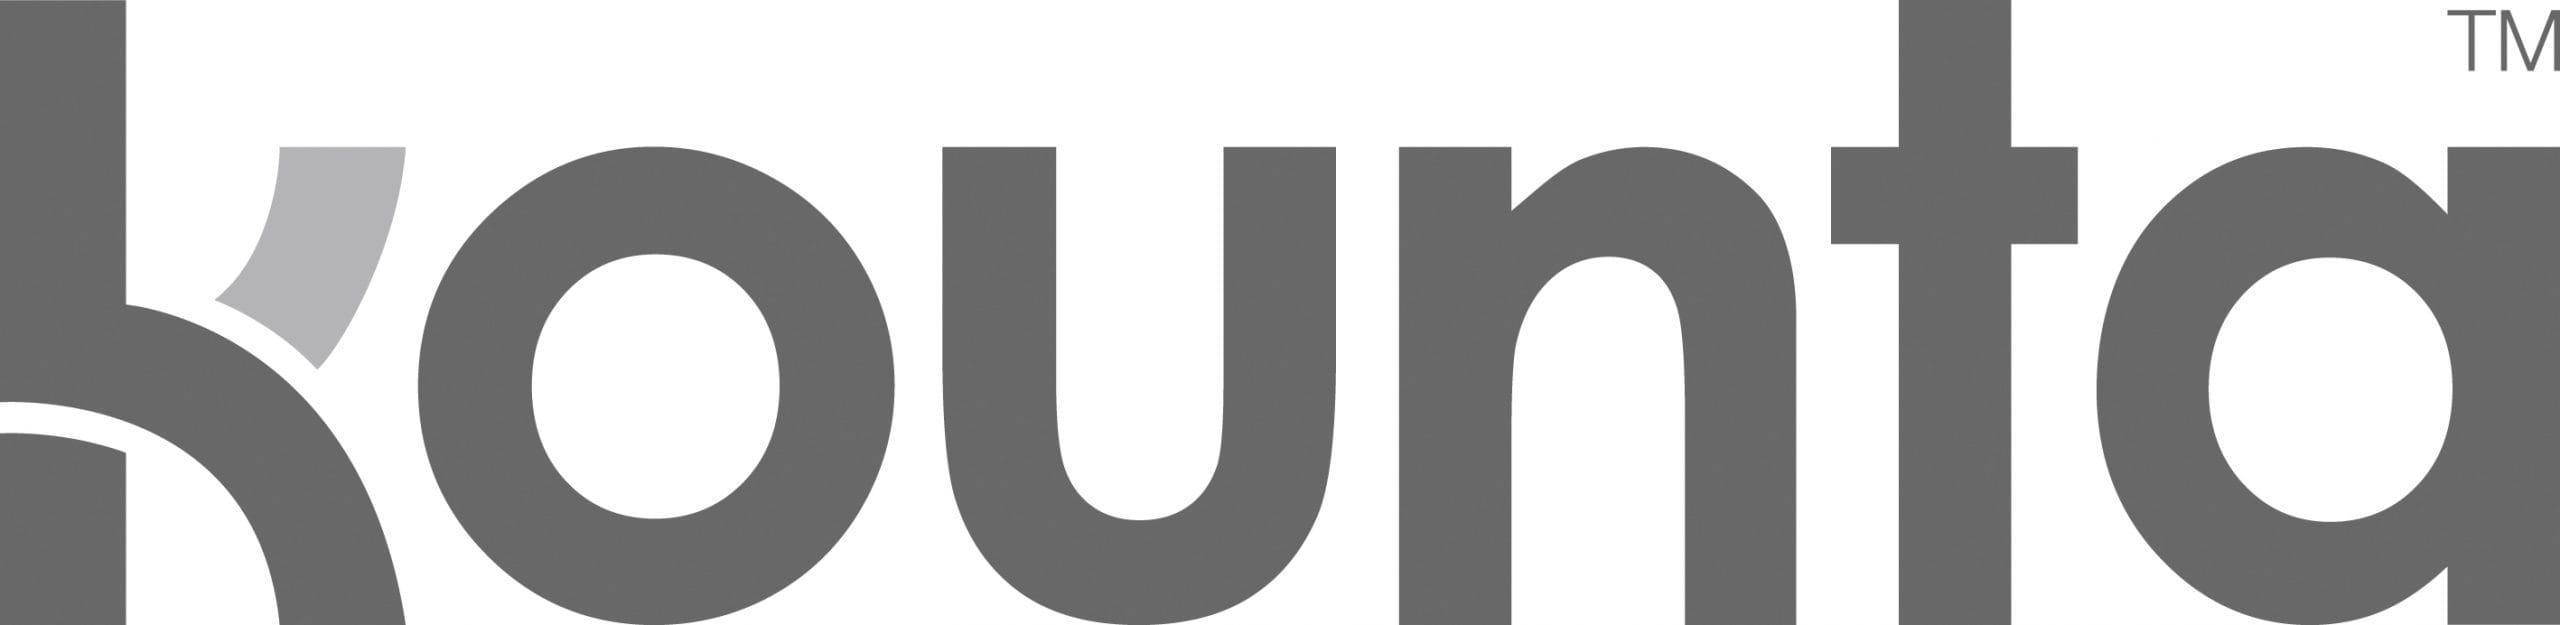 https://cdn.linkadvisors.com.au/wp-content/uploads/media/2020/01/kounta-scaled.jpg